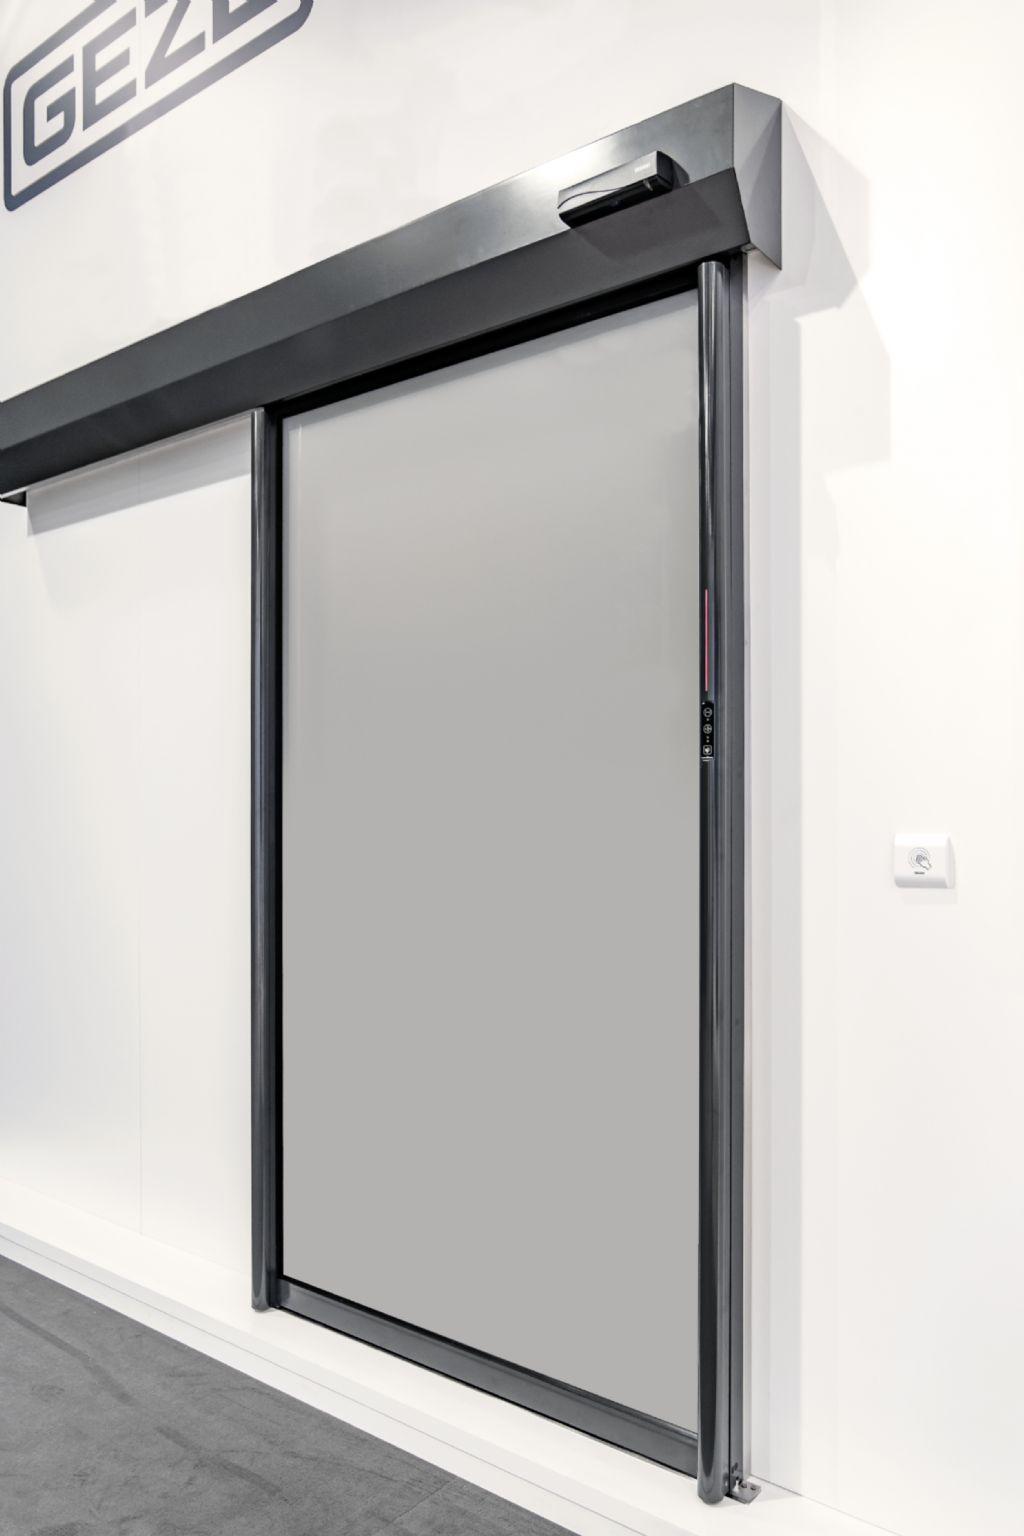 Avec le nouveau système de portes coulissantes GEZE MCRdrive, GEZE présente une solution modulaire pour les zones hermétiquement fermées d'un bâtiment.